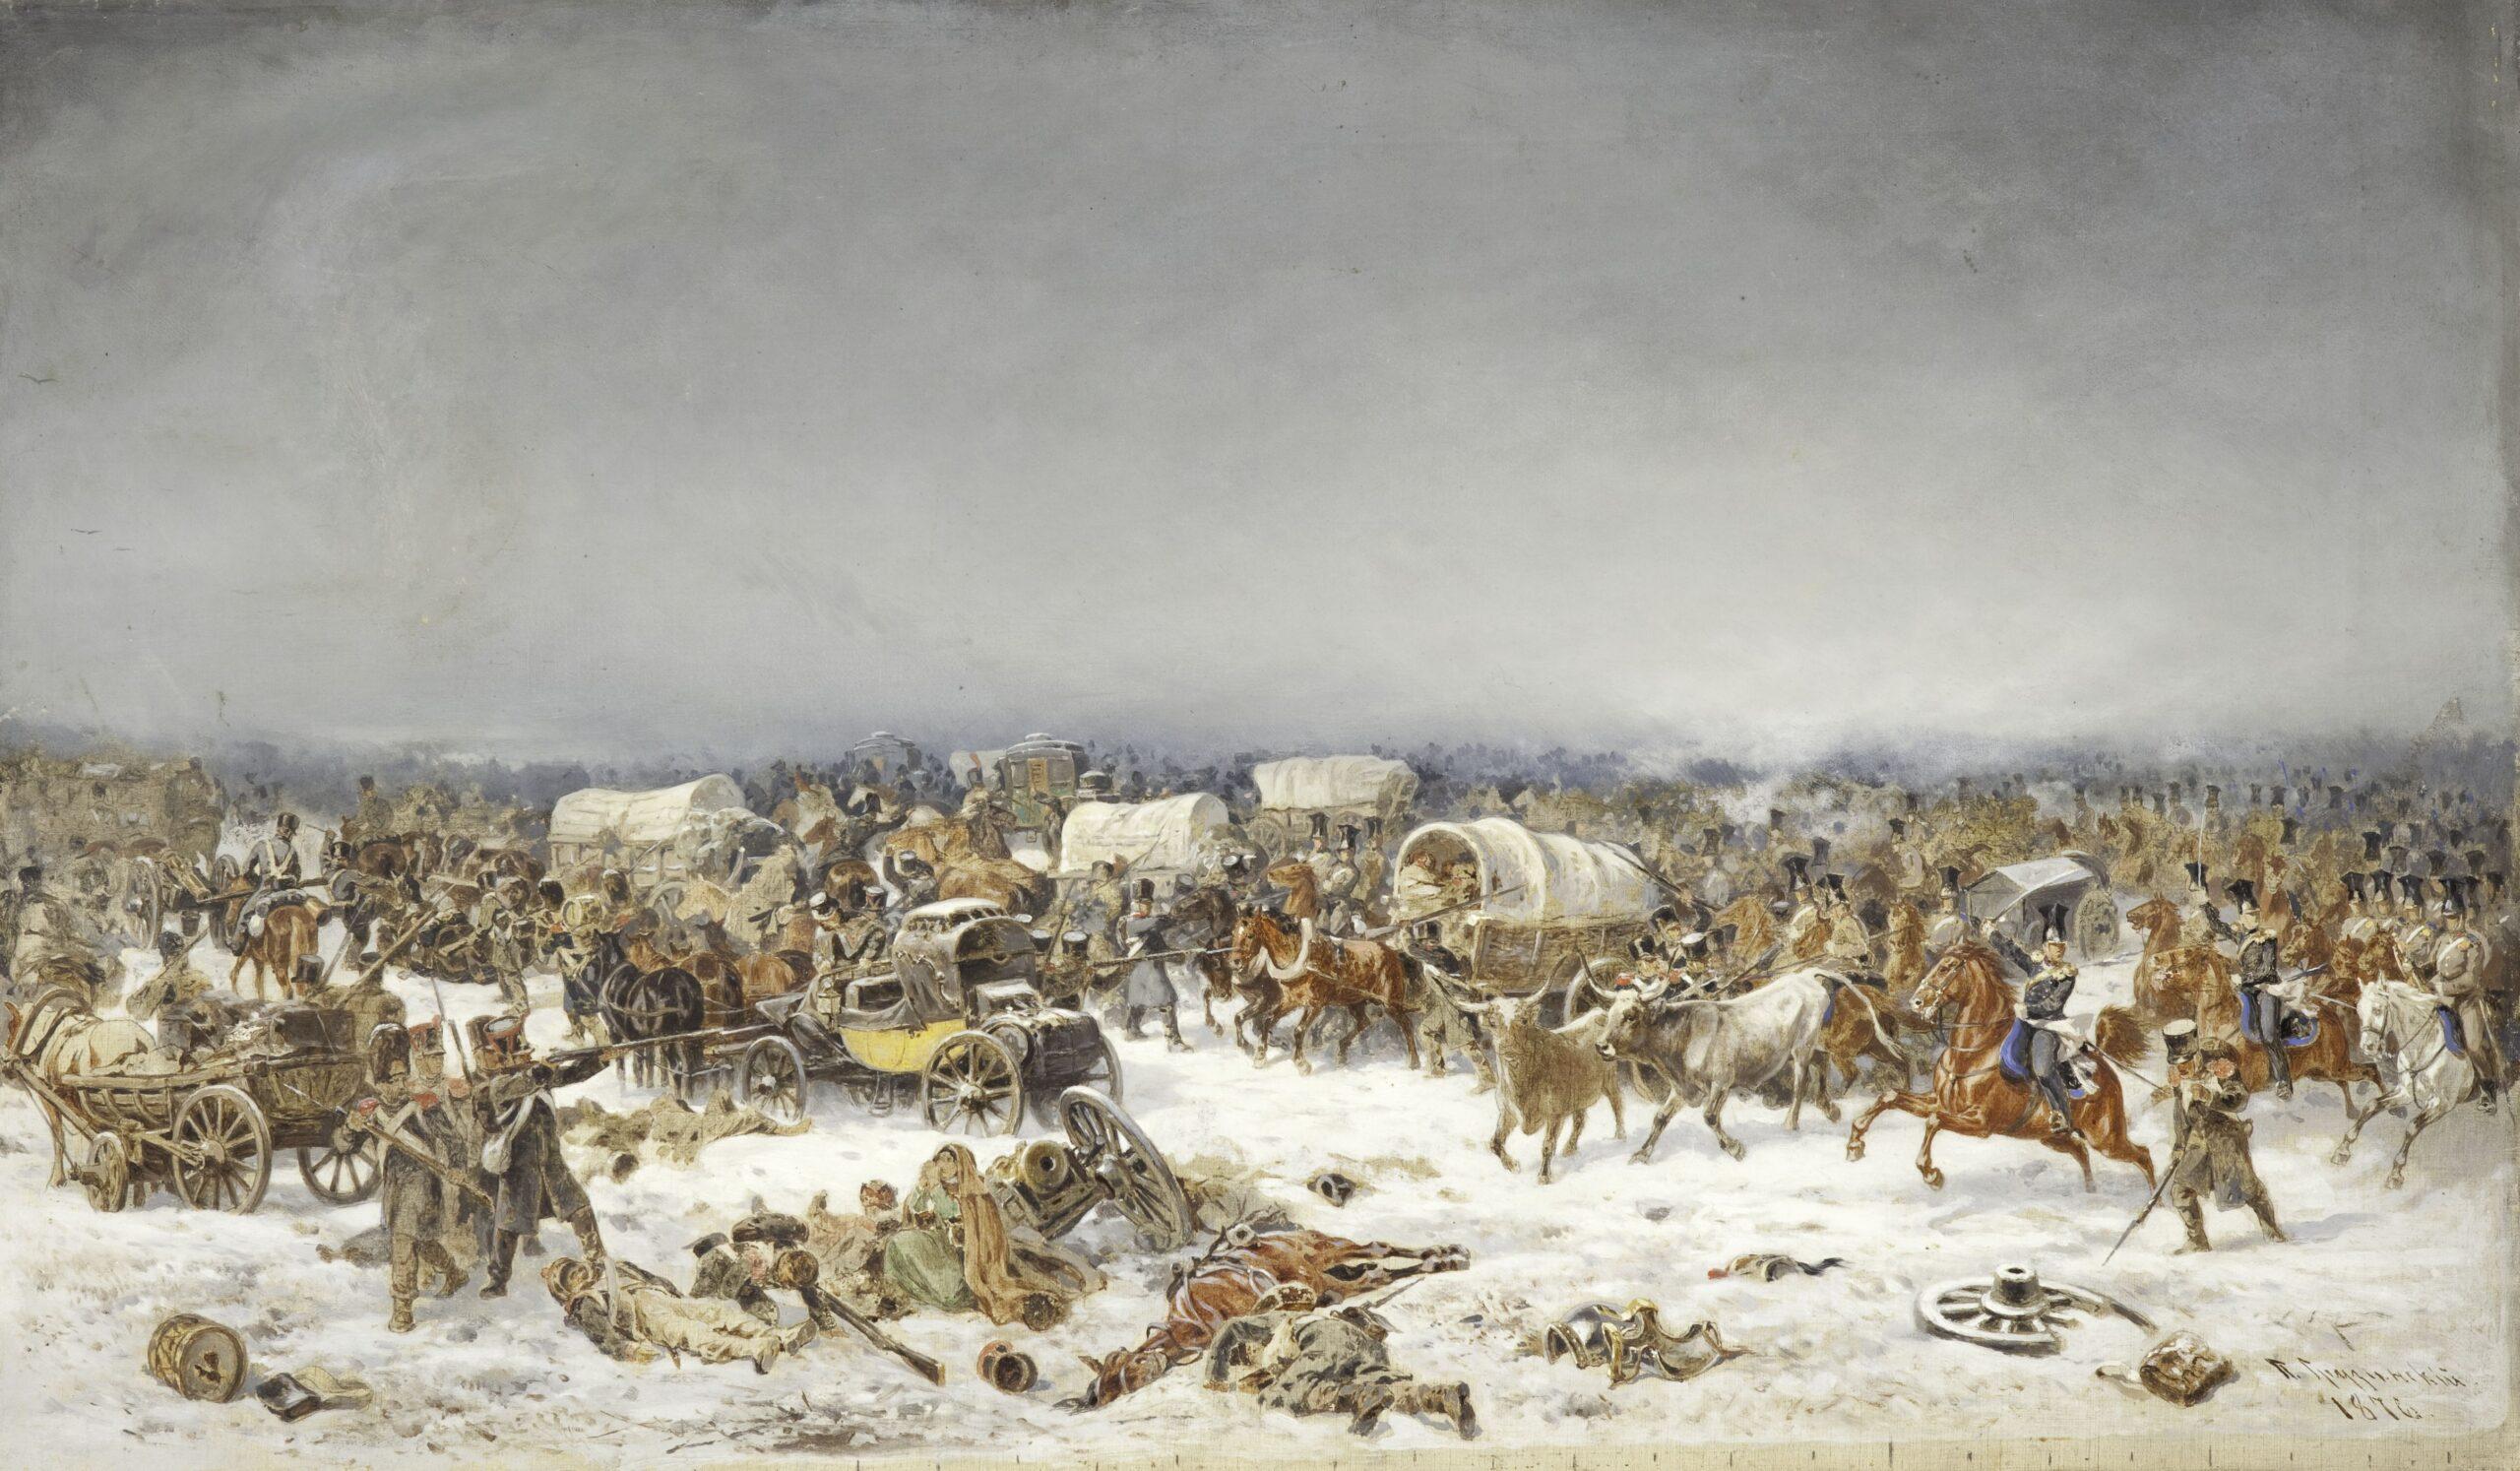 Грузинский П.Н. Взятие обоза маршала Даву лейб-гвардии уланским полком под Красным 5 ноября 1812 года. Эскиз с масштабной сеткой к картине 1889 года. 1876 г. Холст, масло